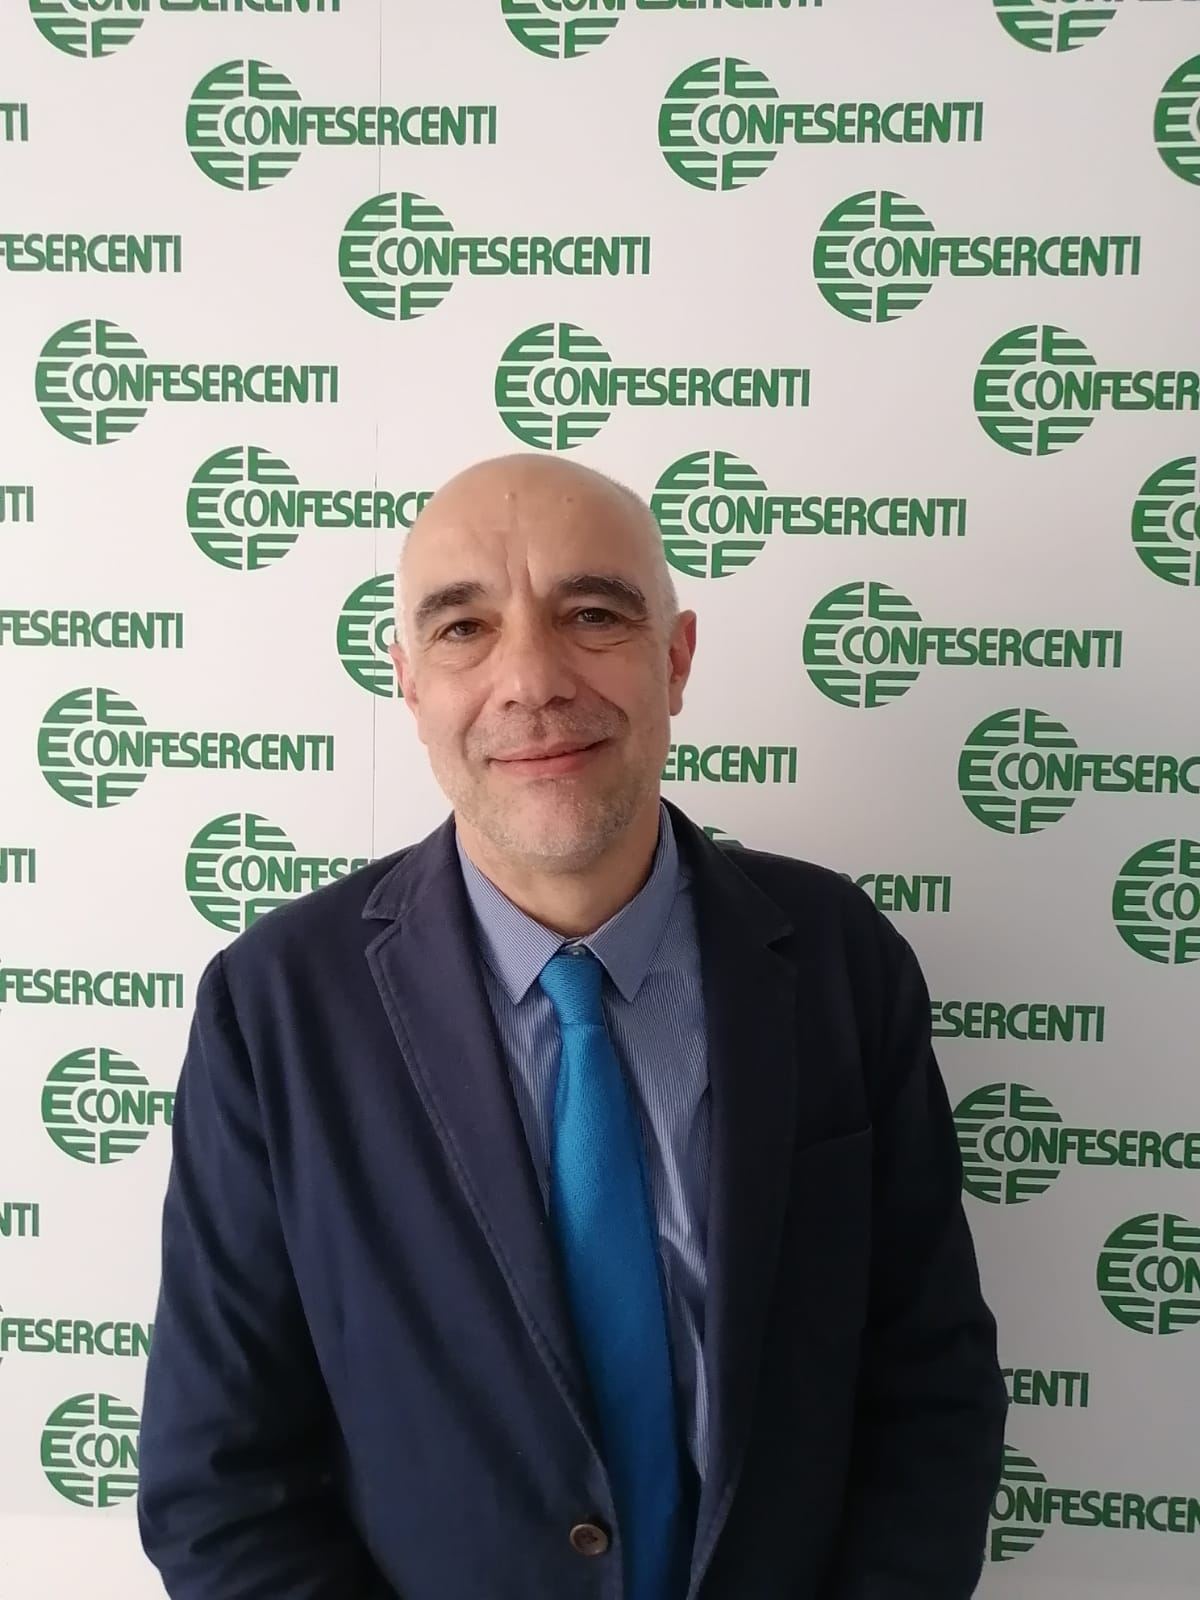 Confesercenti Genova, Massimiliano Spigno confermato presidente all'unanimità